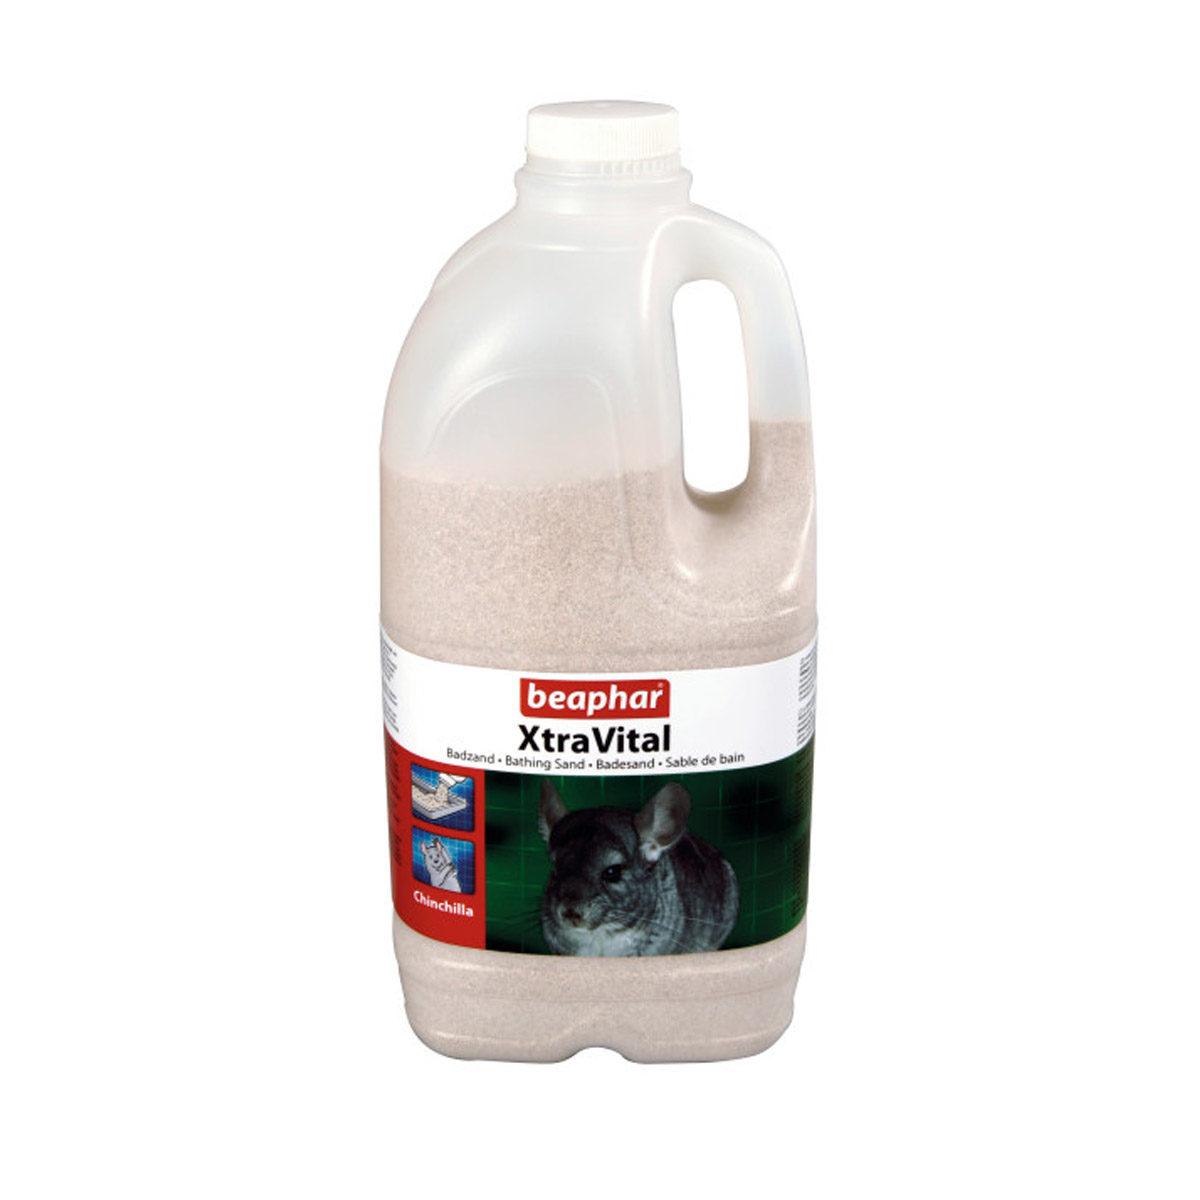 Beaphar Xtravital Chinchilla Badzand 2 liter